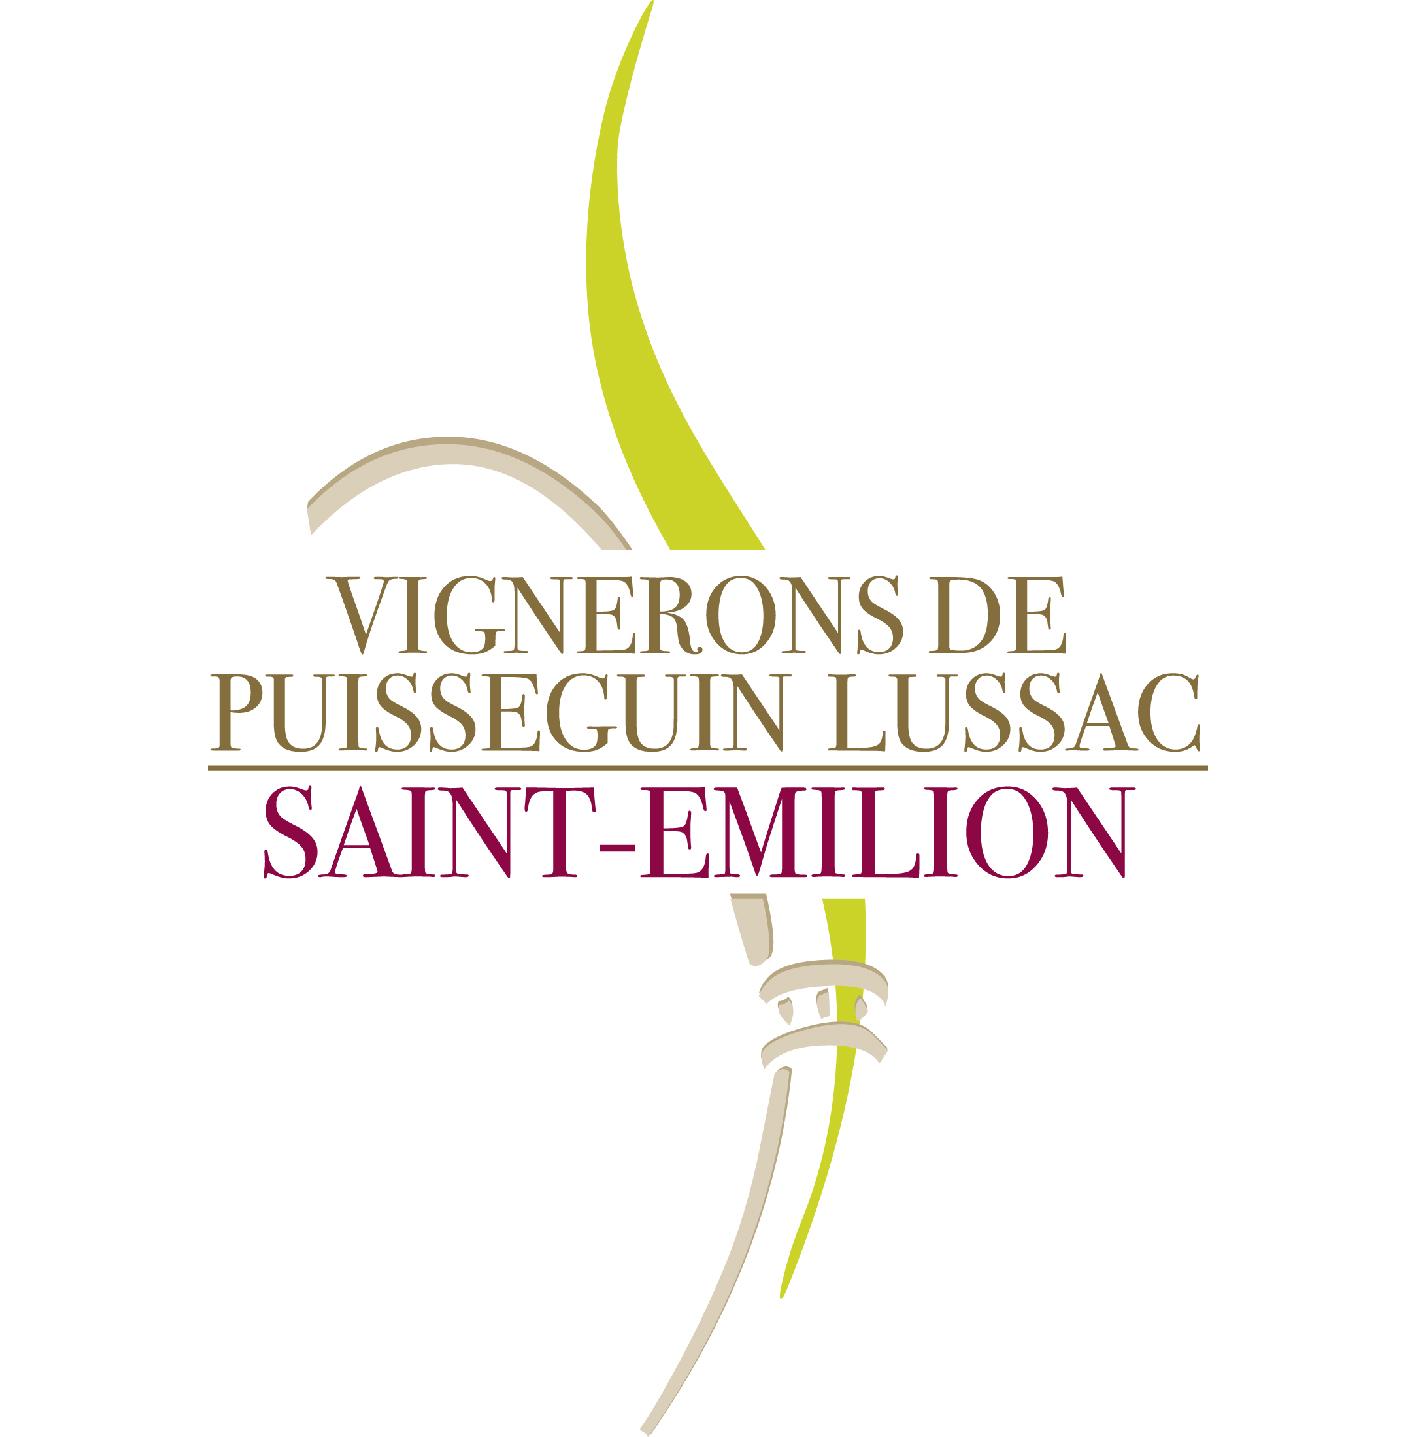 Vignerons de Puisseguin Lussac Saint Emilion